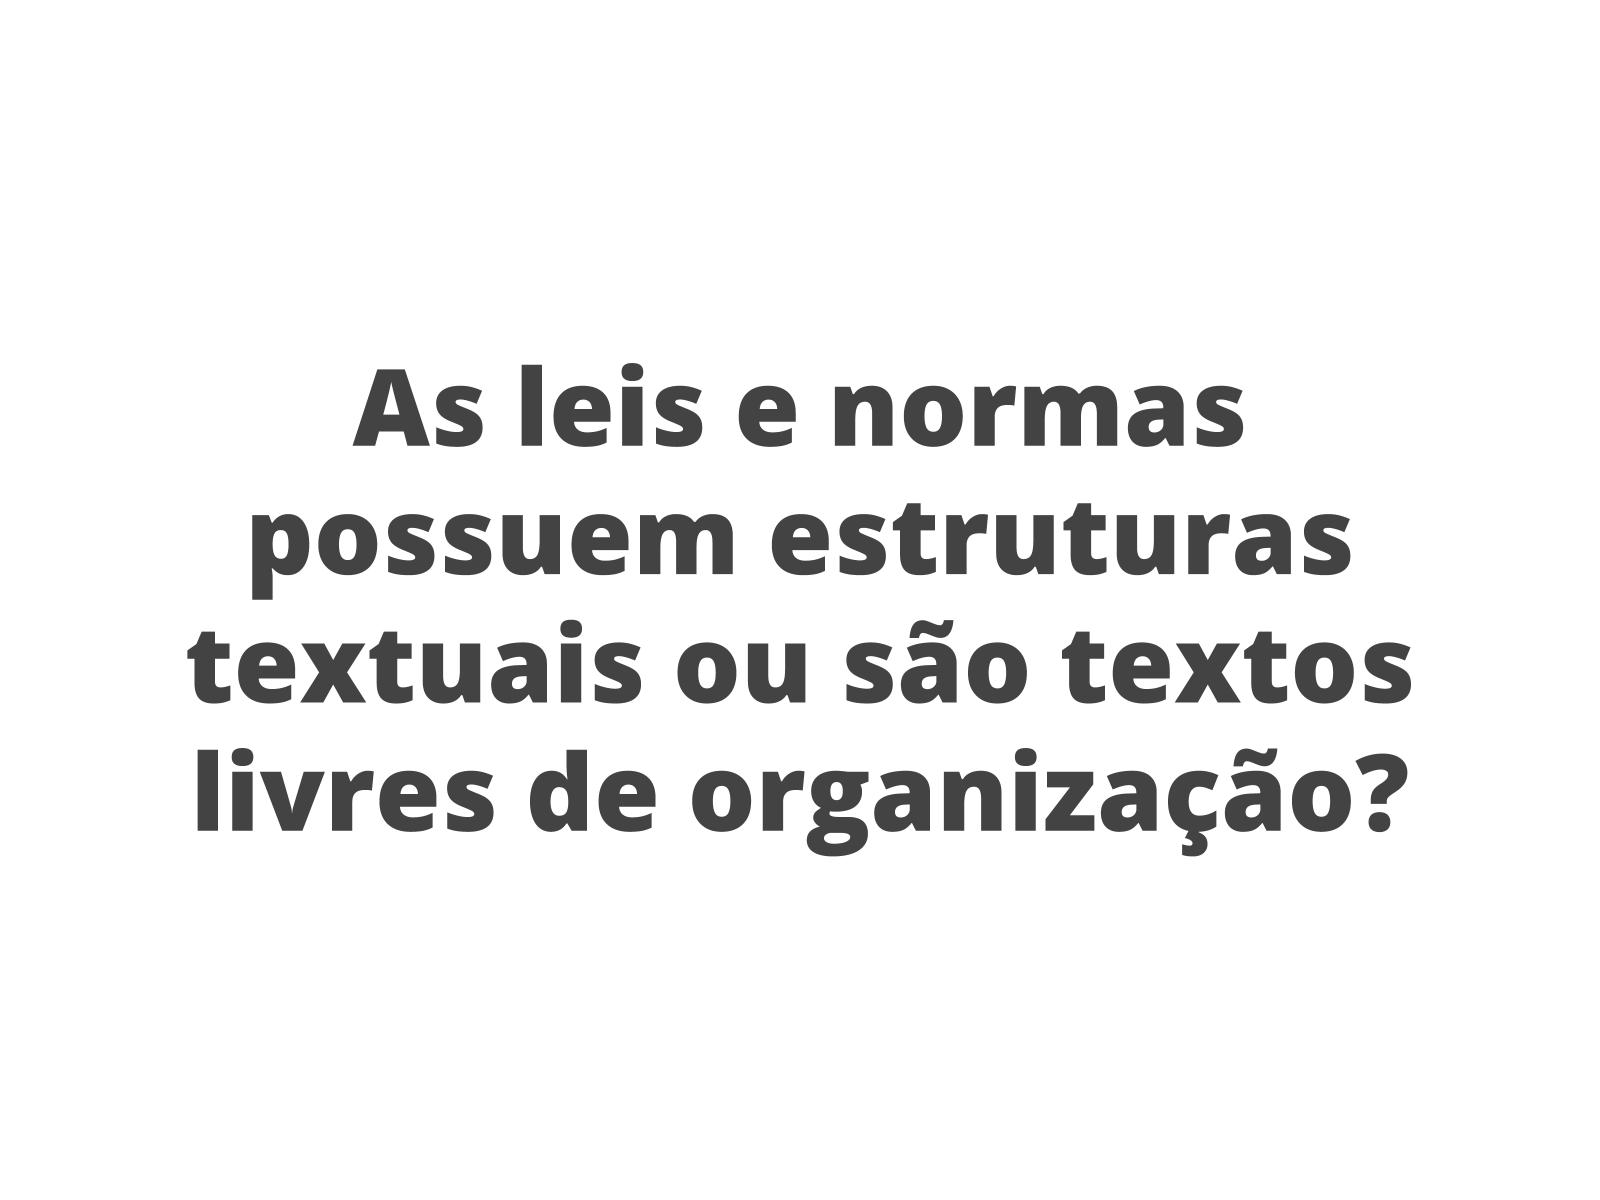 A estrutura organizacional de textos normativos e legais